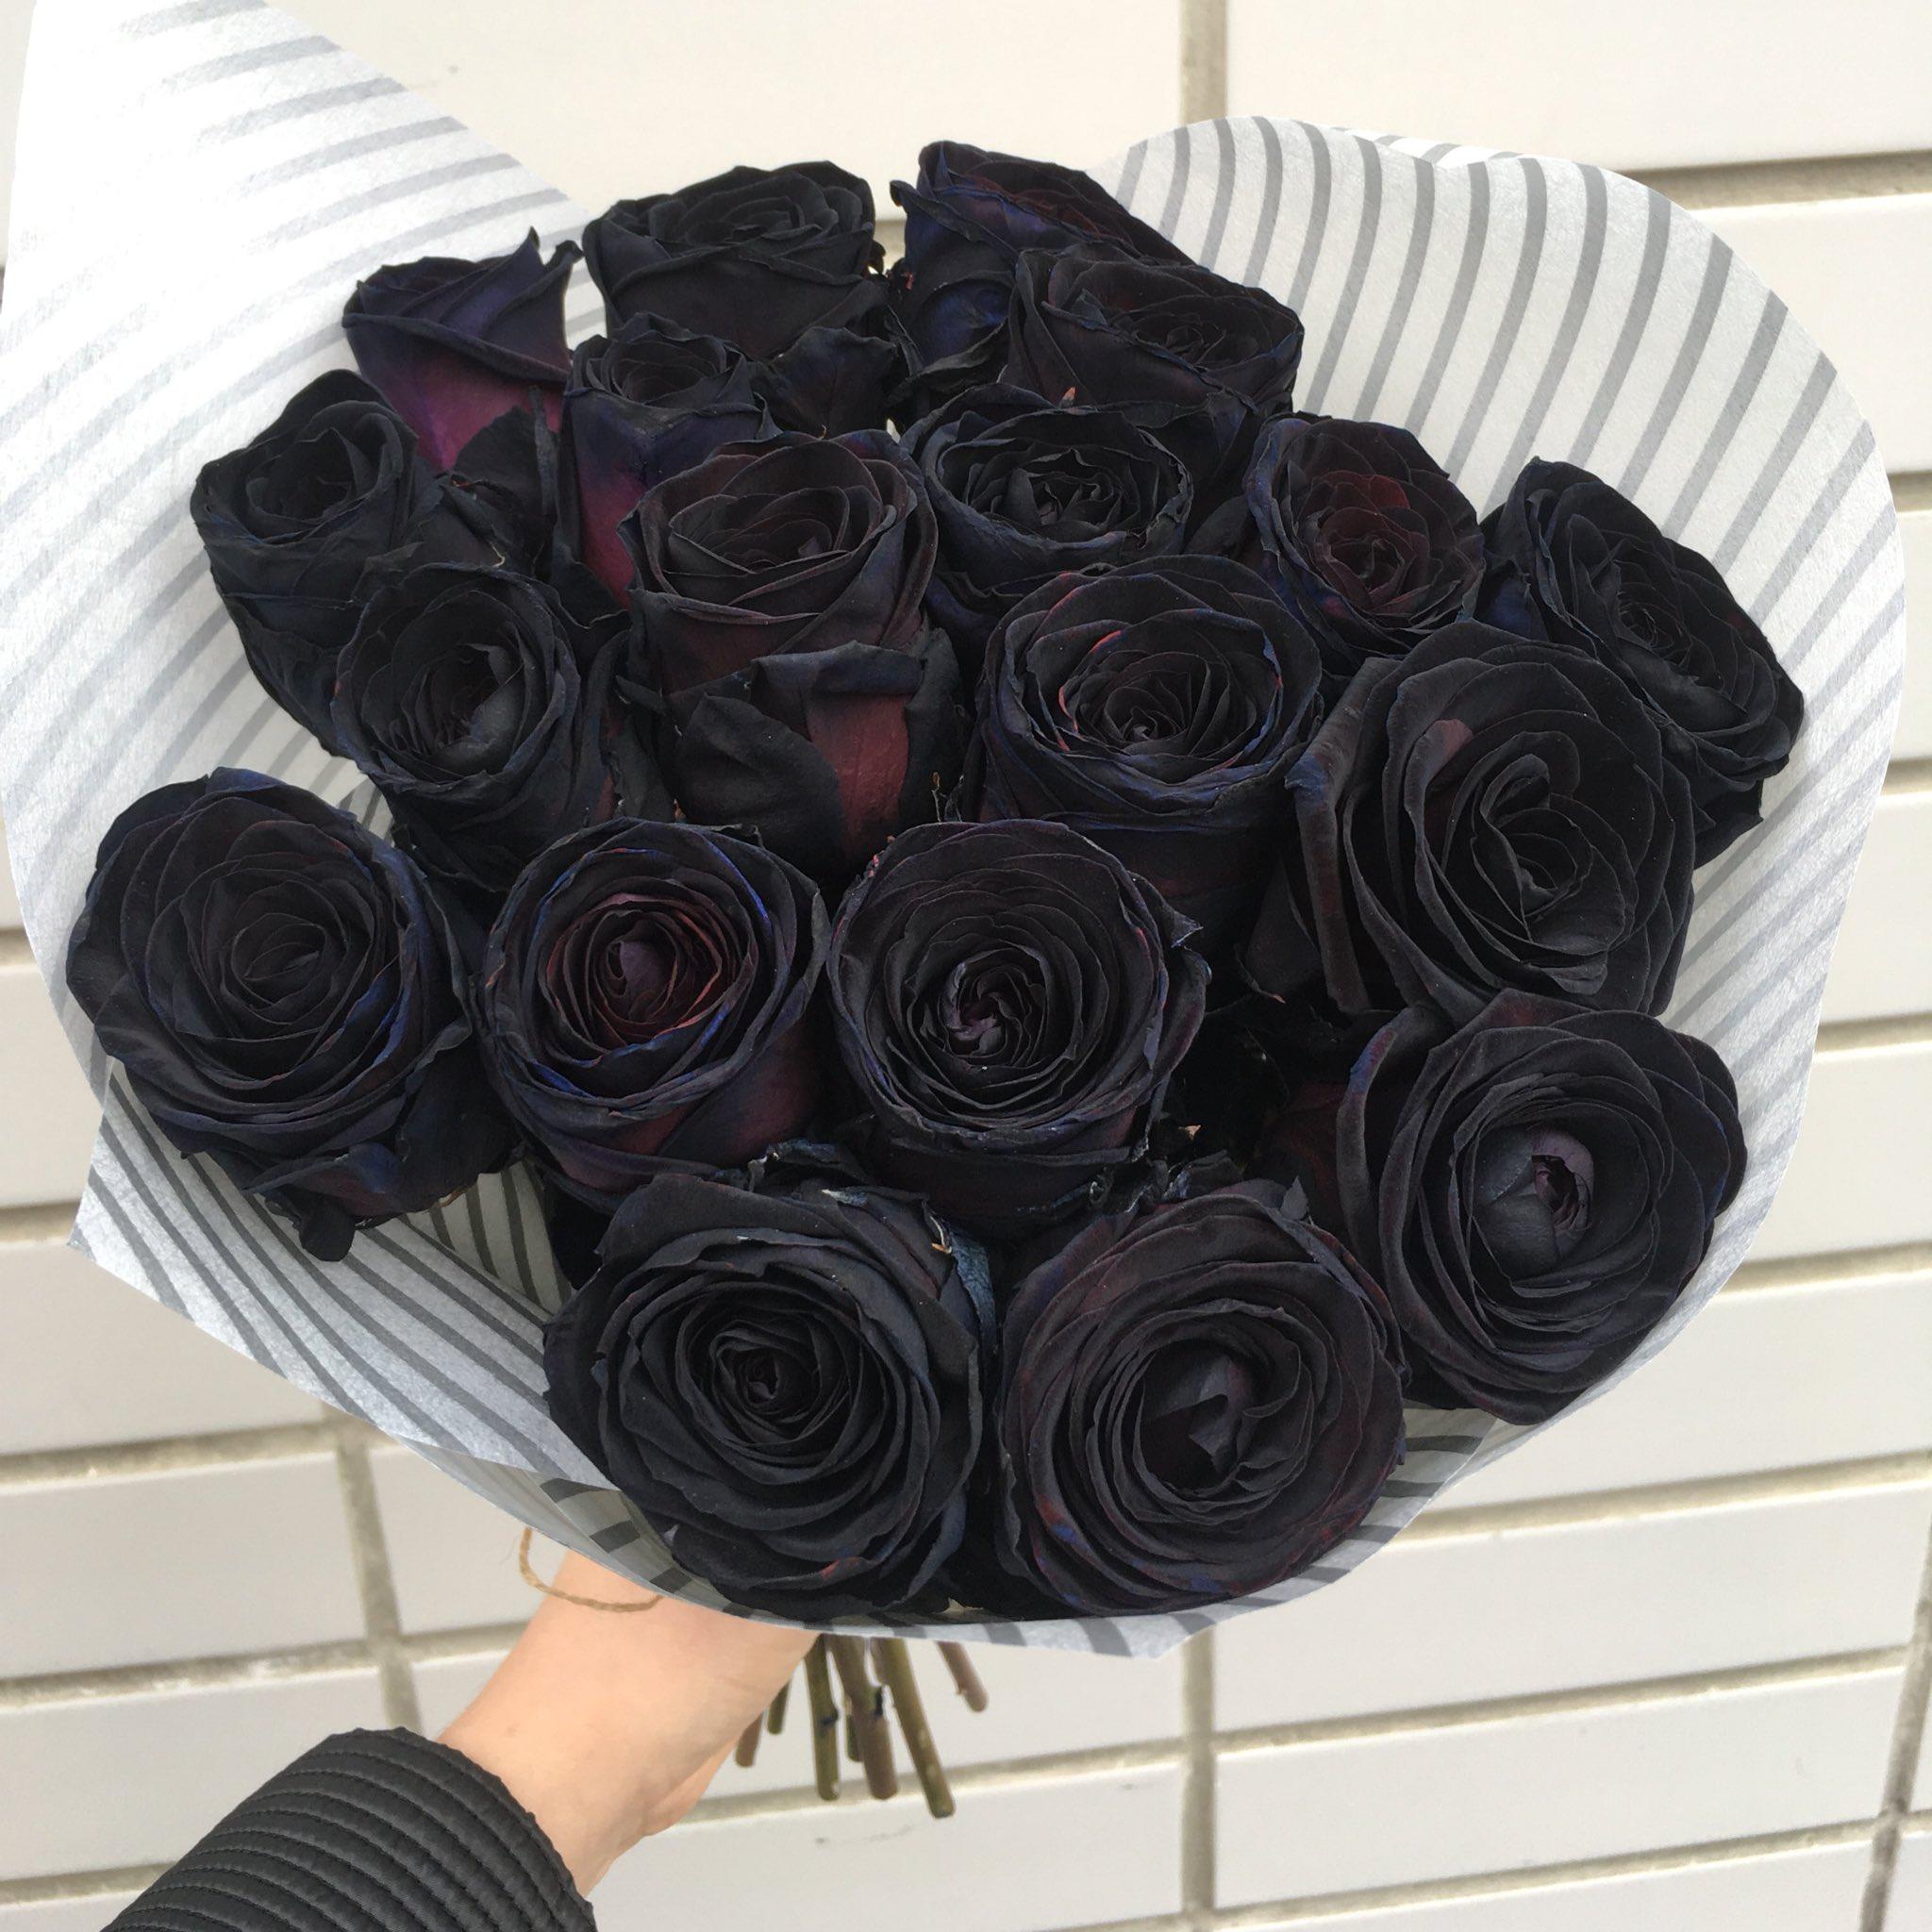 Красивые букеты роз черные, сердце тюльпанов ирисов